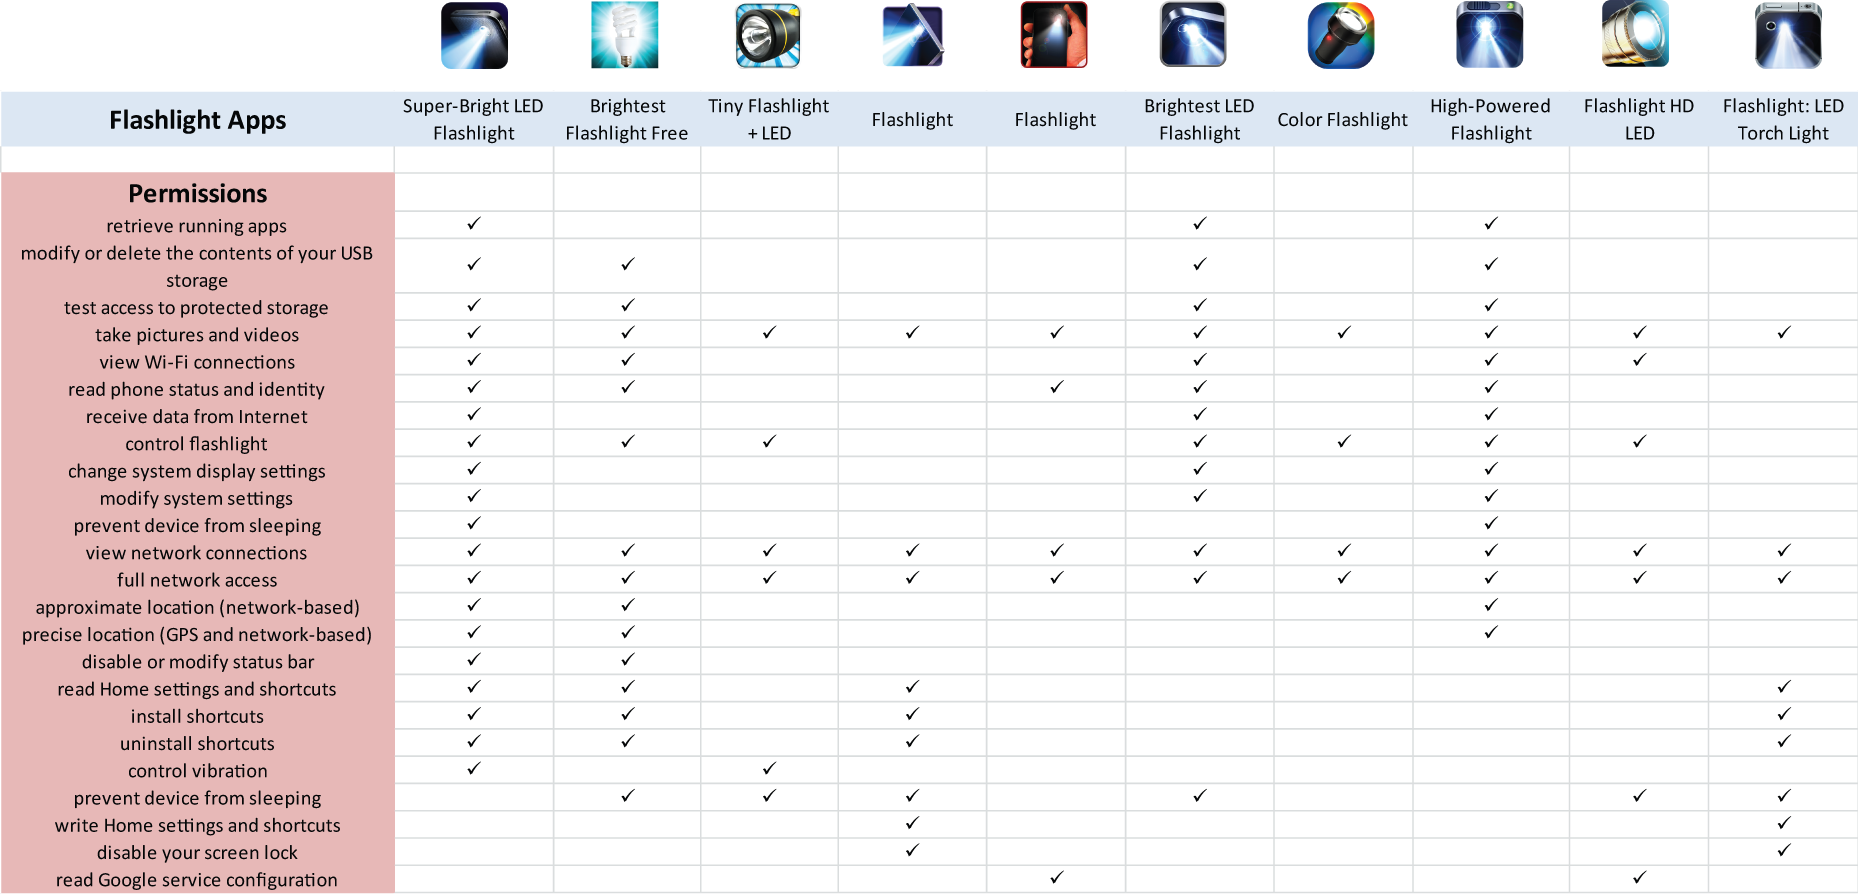 analise-app-lanternas